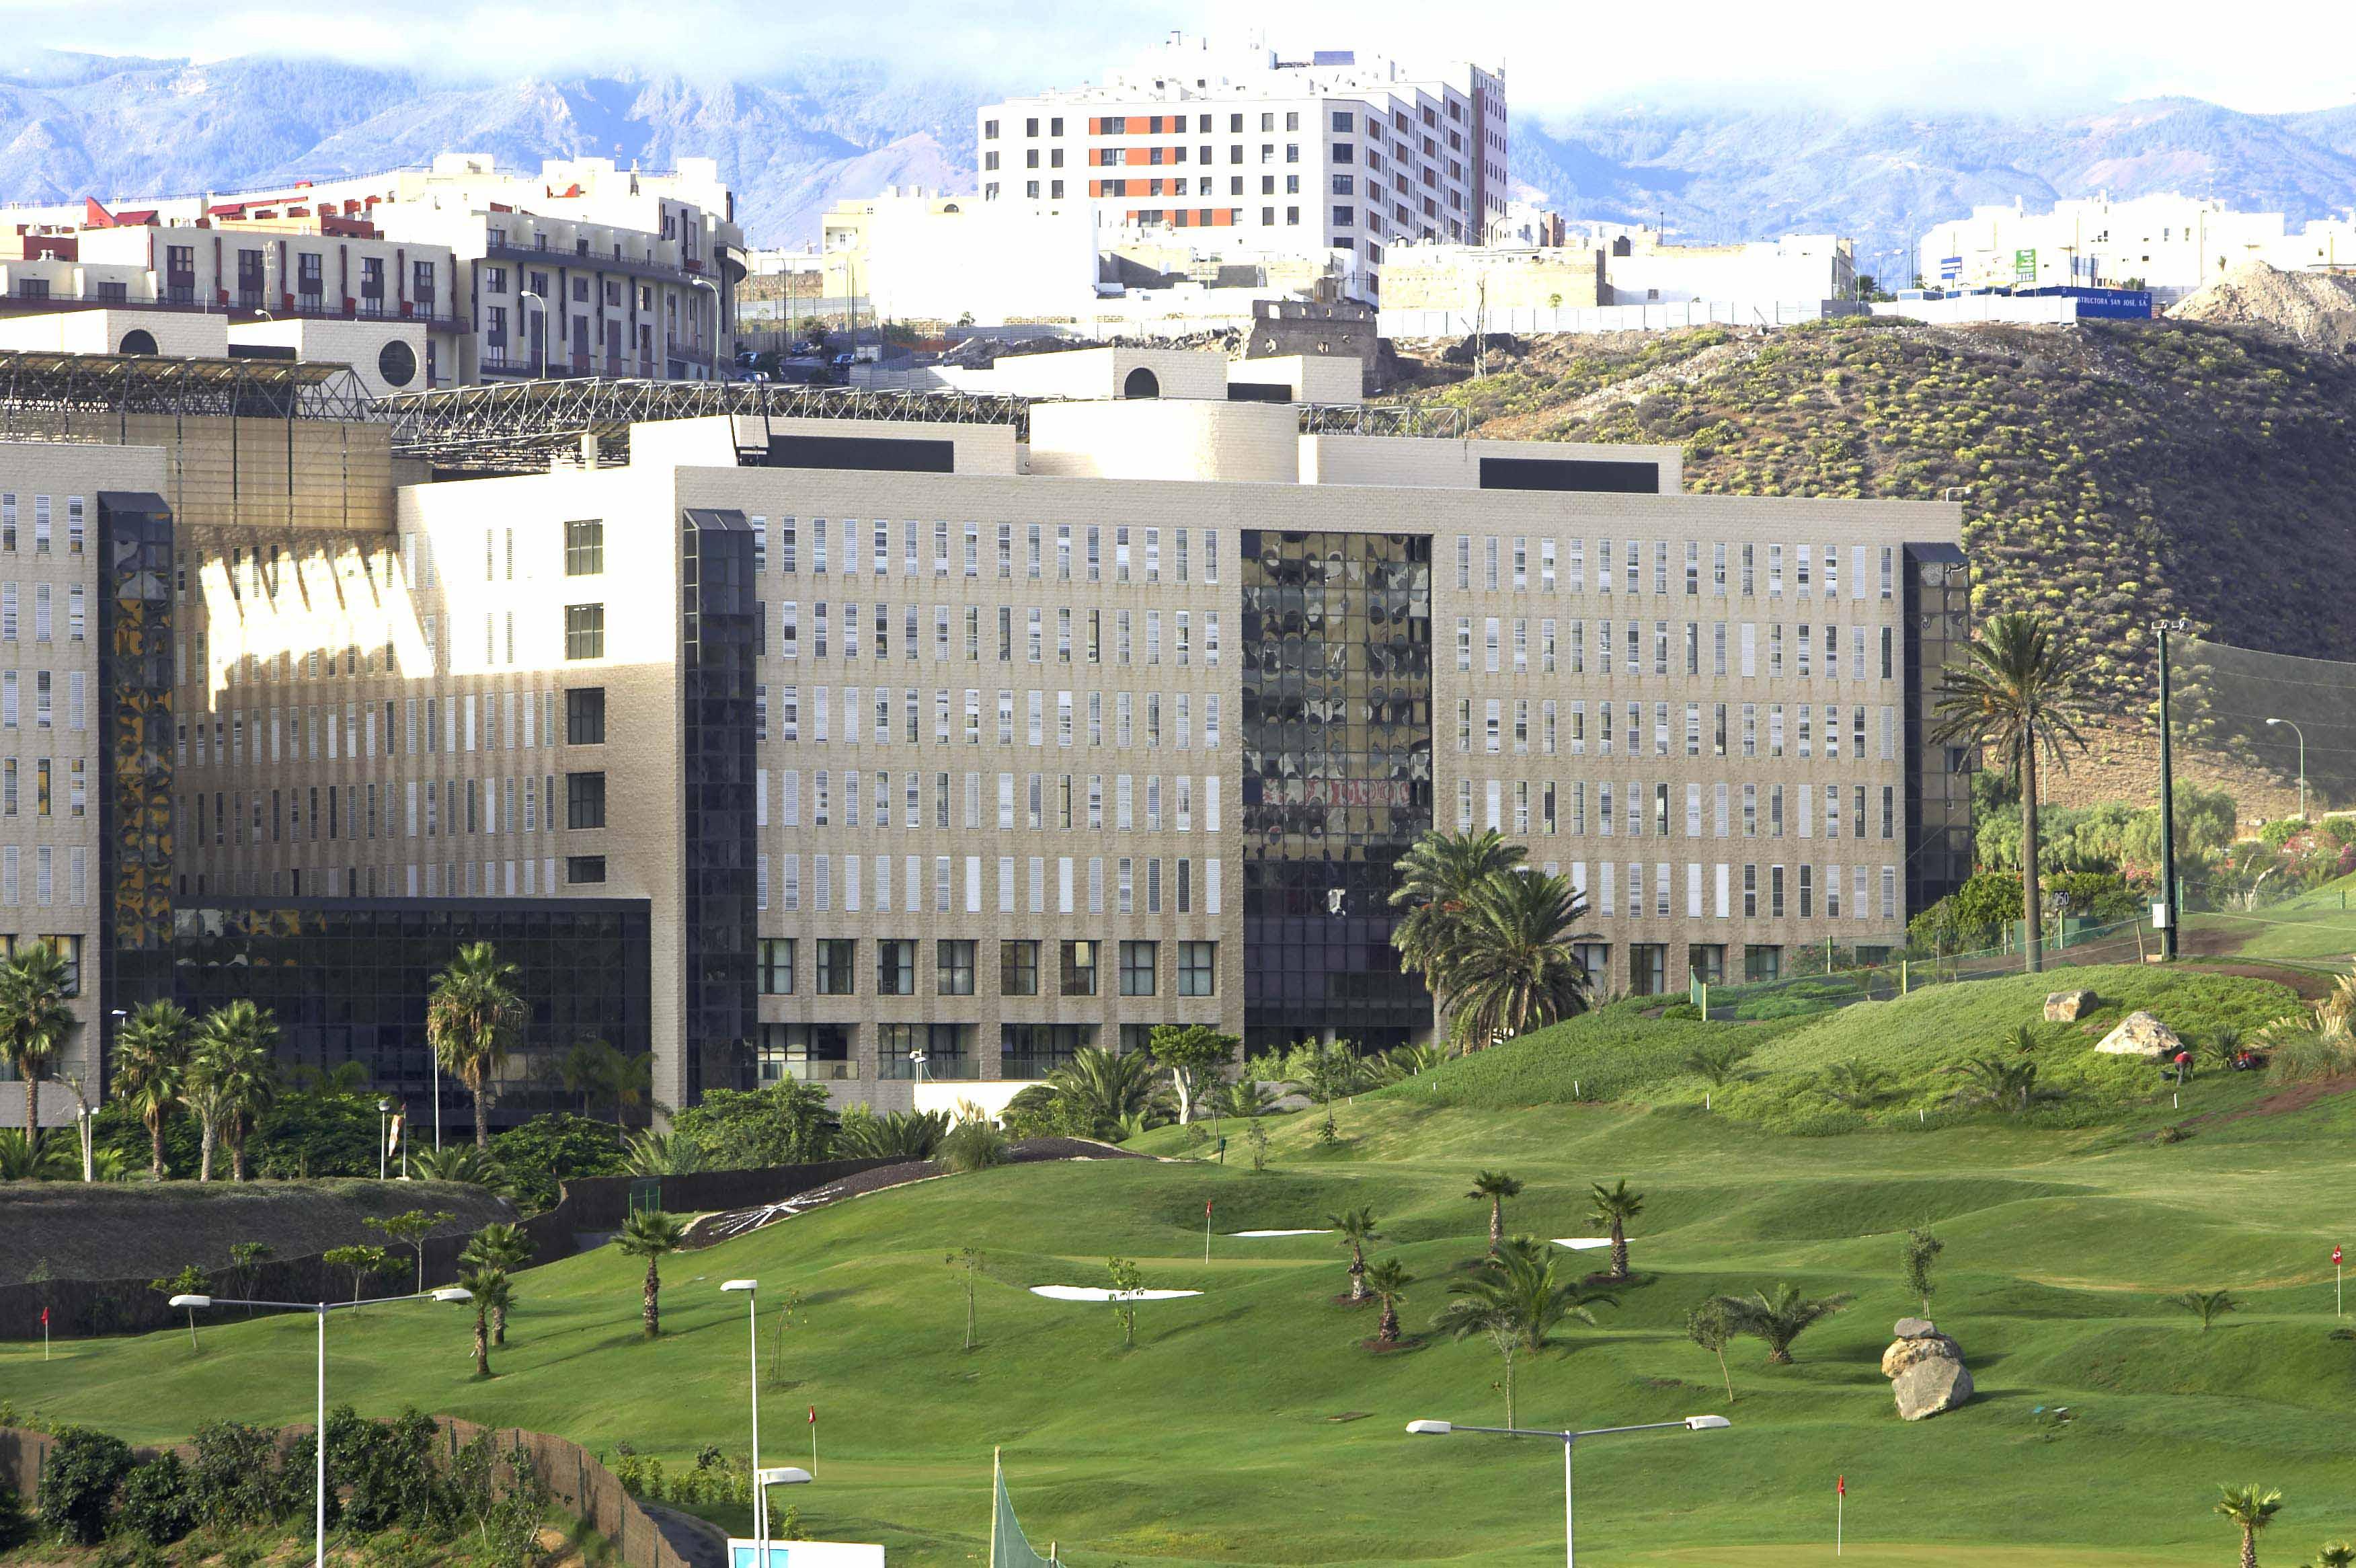 La Dirección Gerencia y el personal de Enfermería de Hemodinámica del Hospital Dr. Negrín firman un acuerdo que pone fin al conflicto laboral